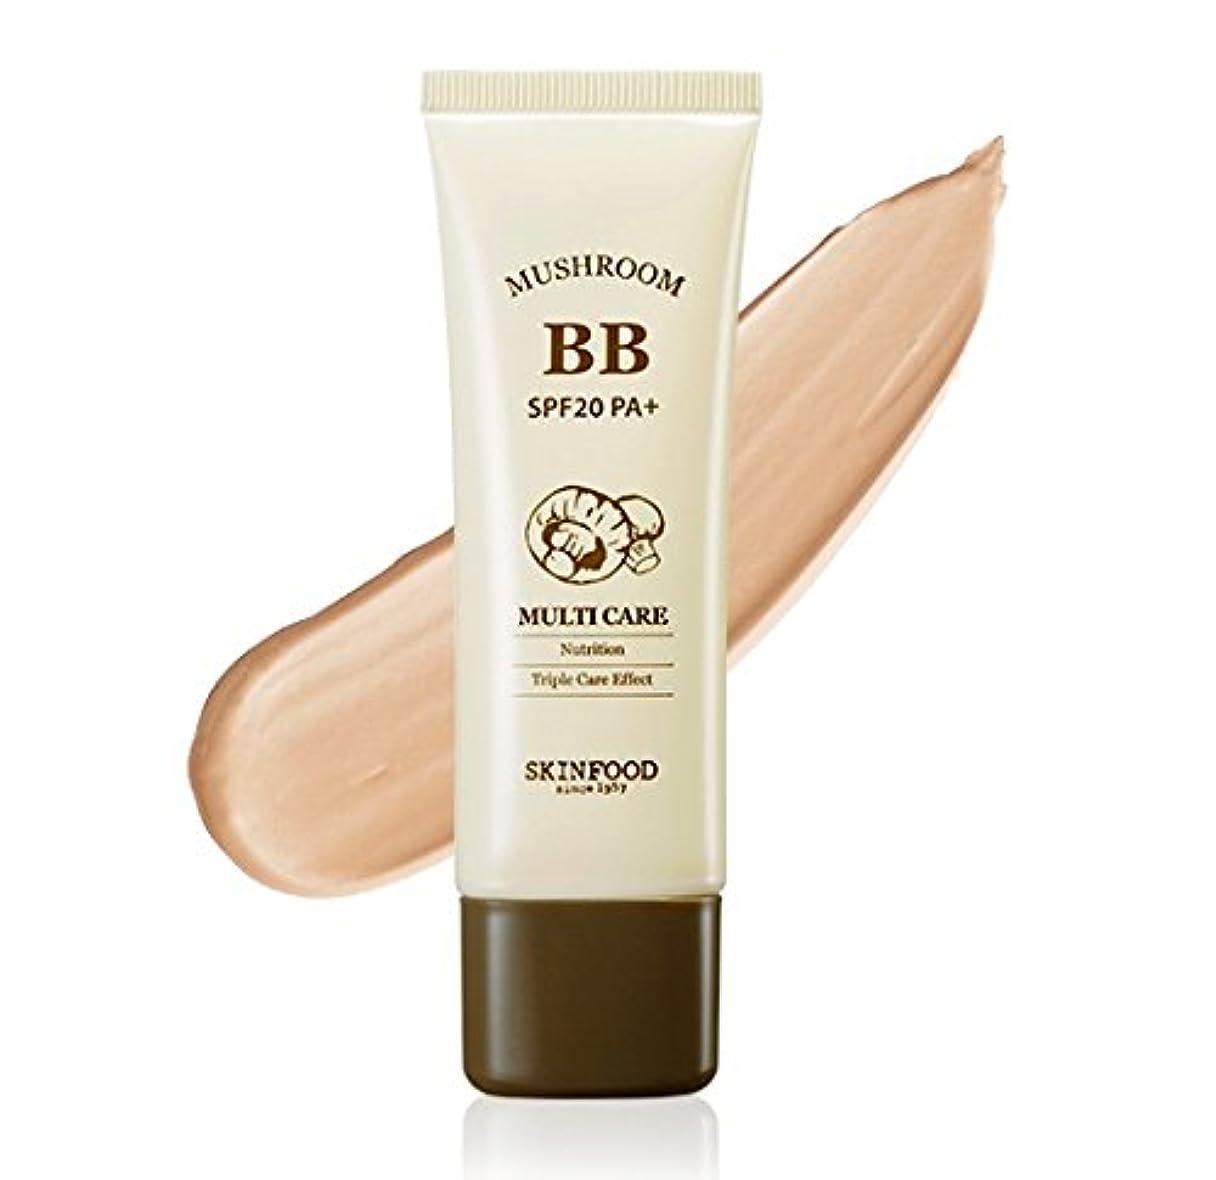 ピジン最後にで出来ている#Bright skin SKINFOOD Mushroom Multi Care BB Cream スキンフード マッシュルーム マルチケア BB cream クリーム SPF20 PA+ [並行輸入品]